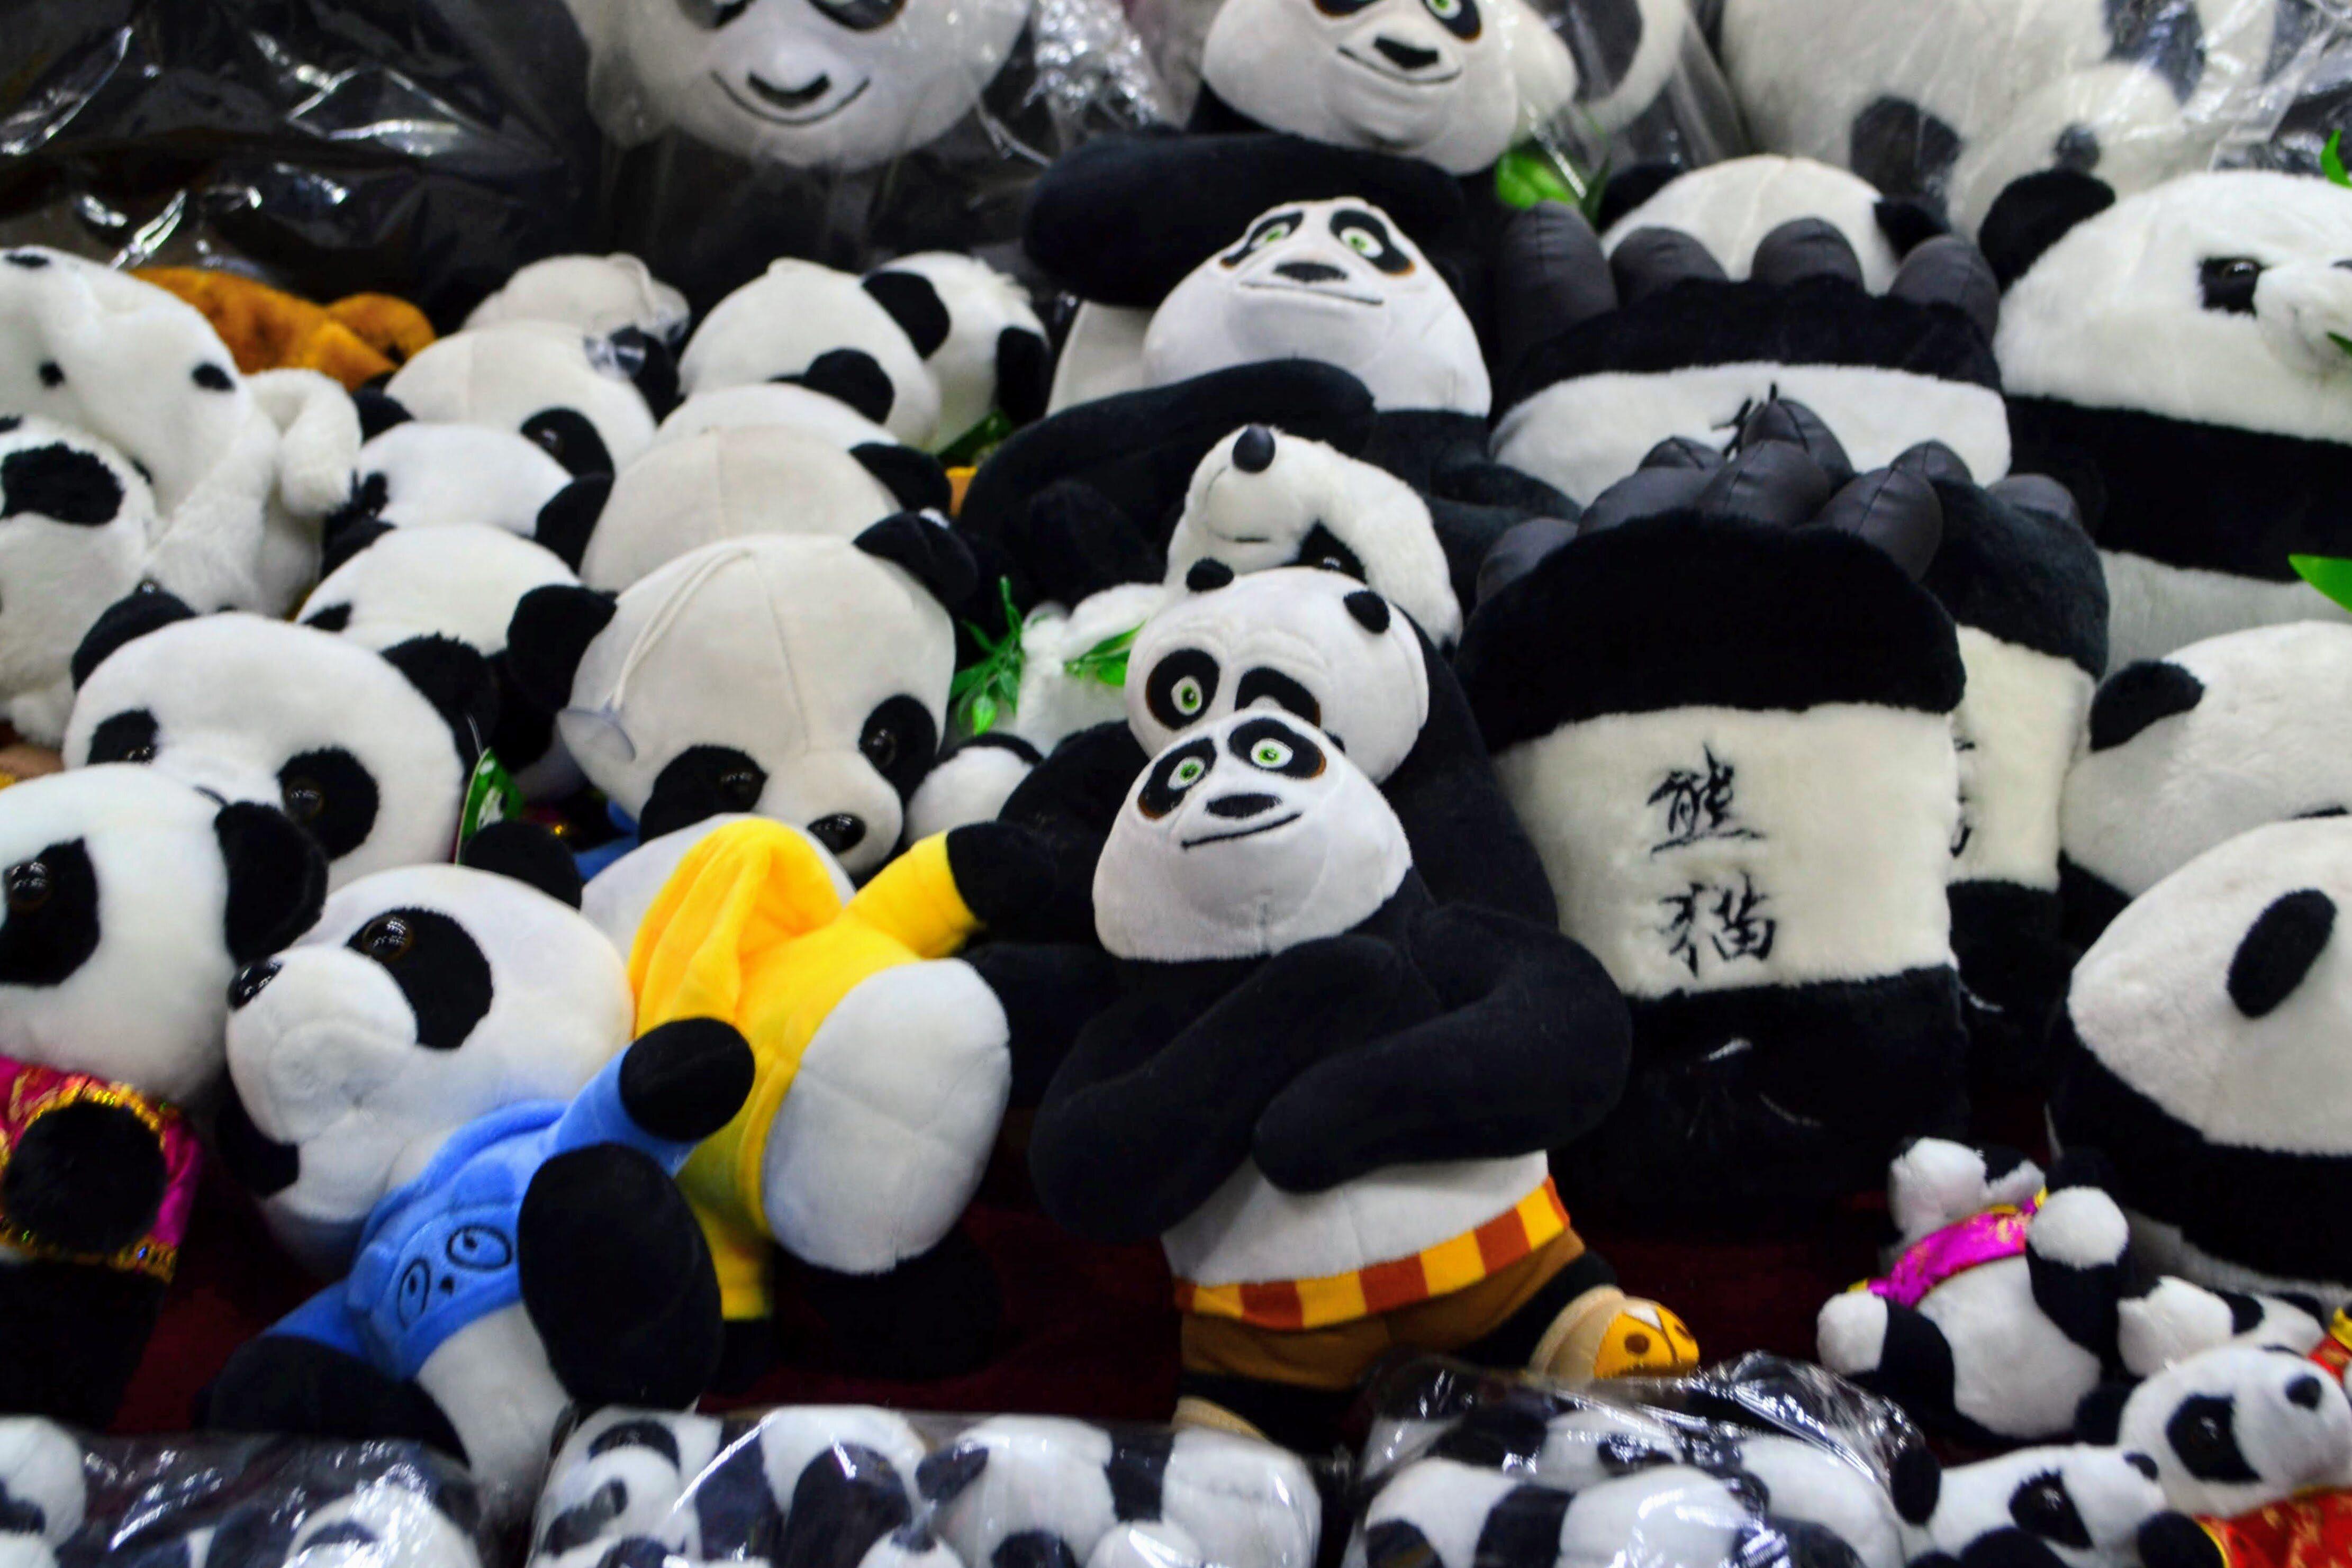 Pluszowe pandy, zdjęcie ilustracyjne